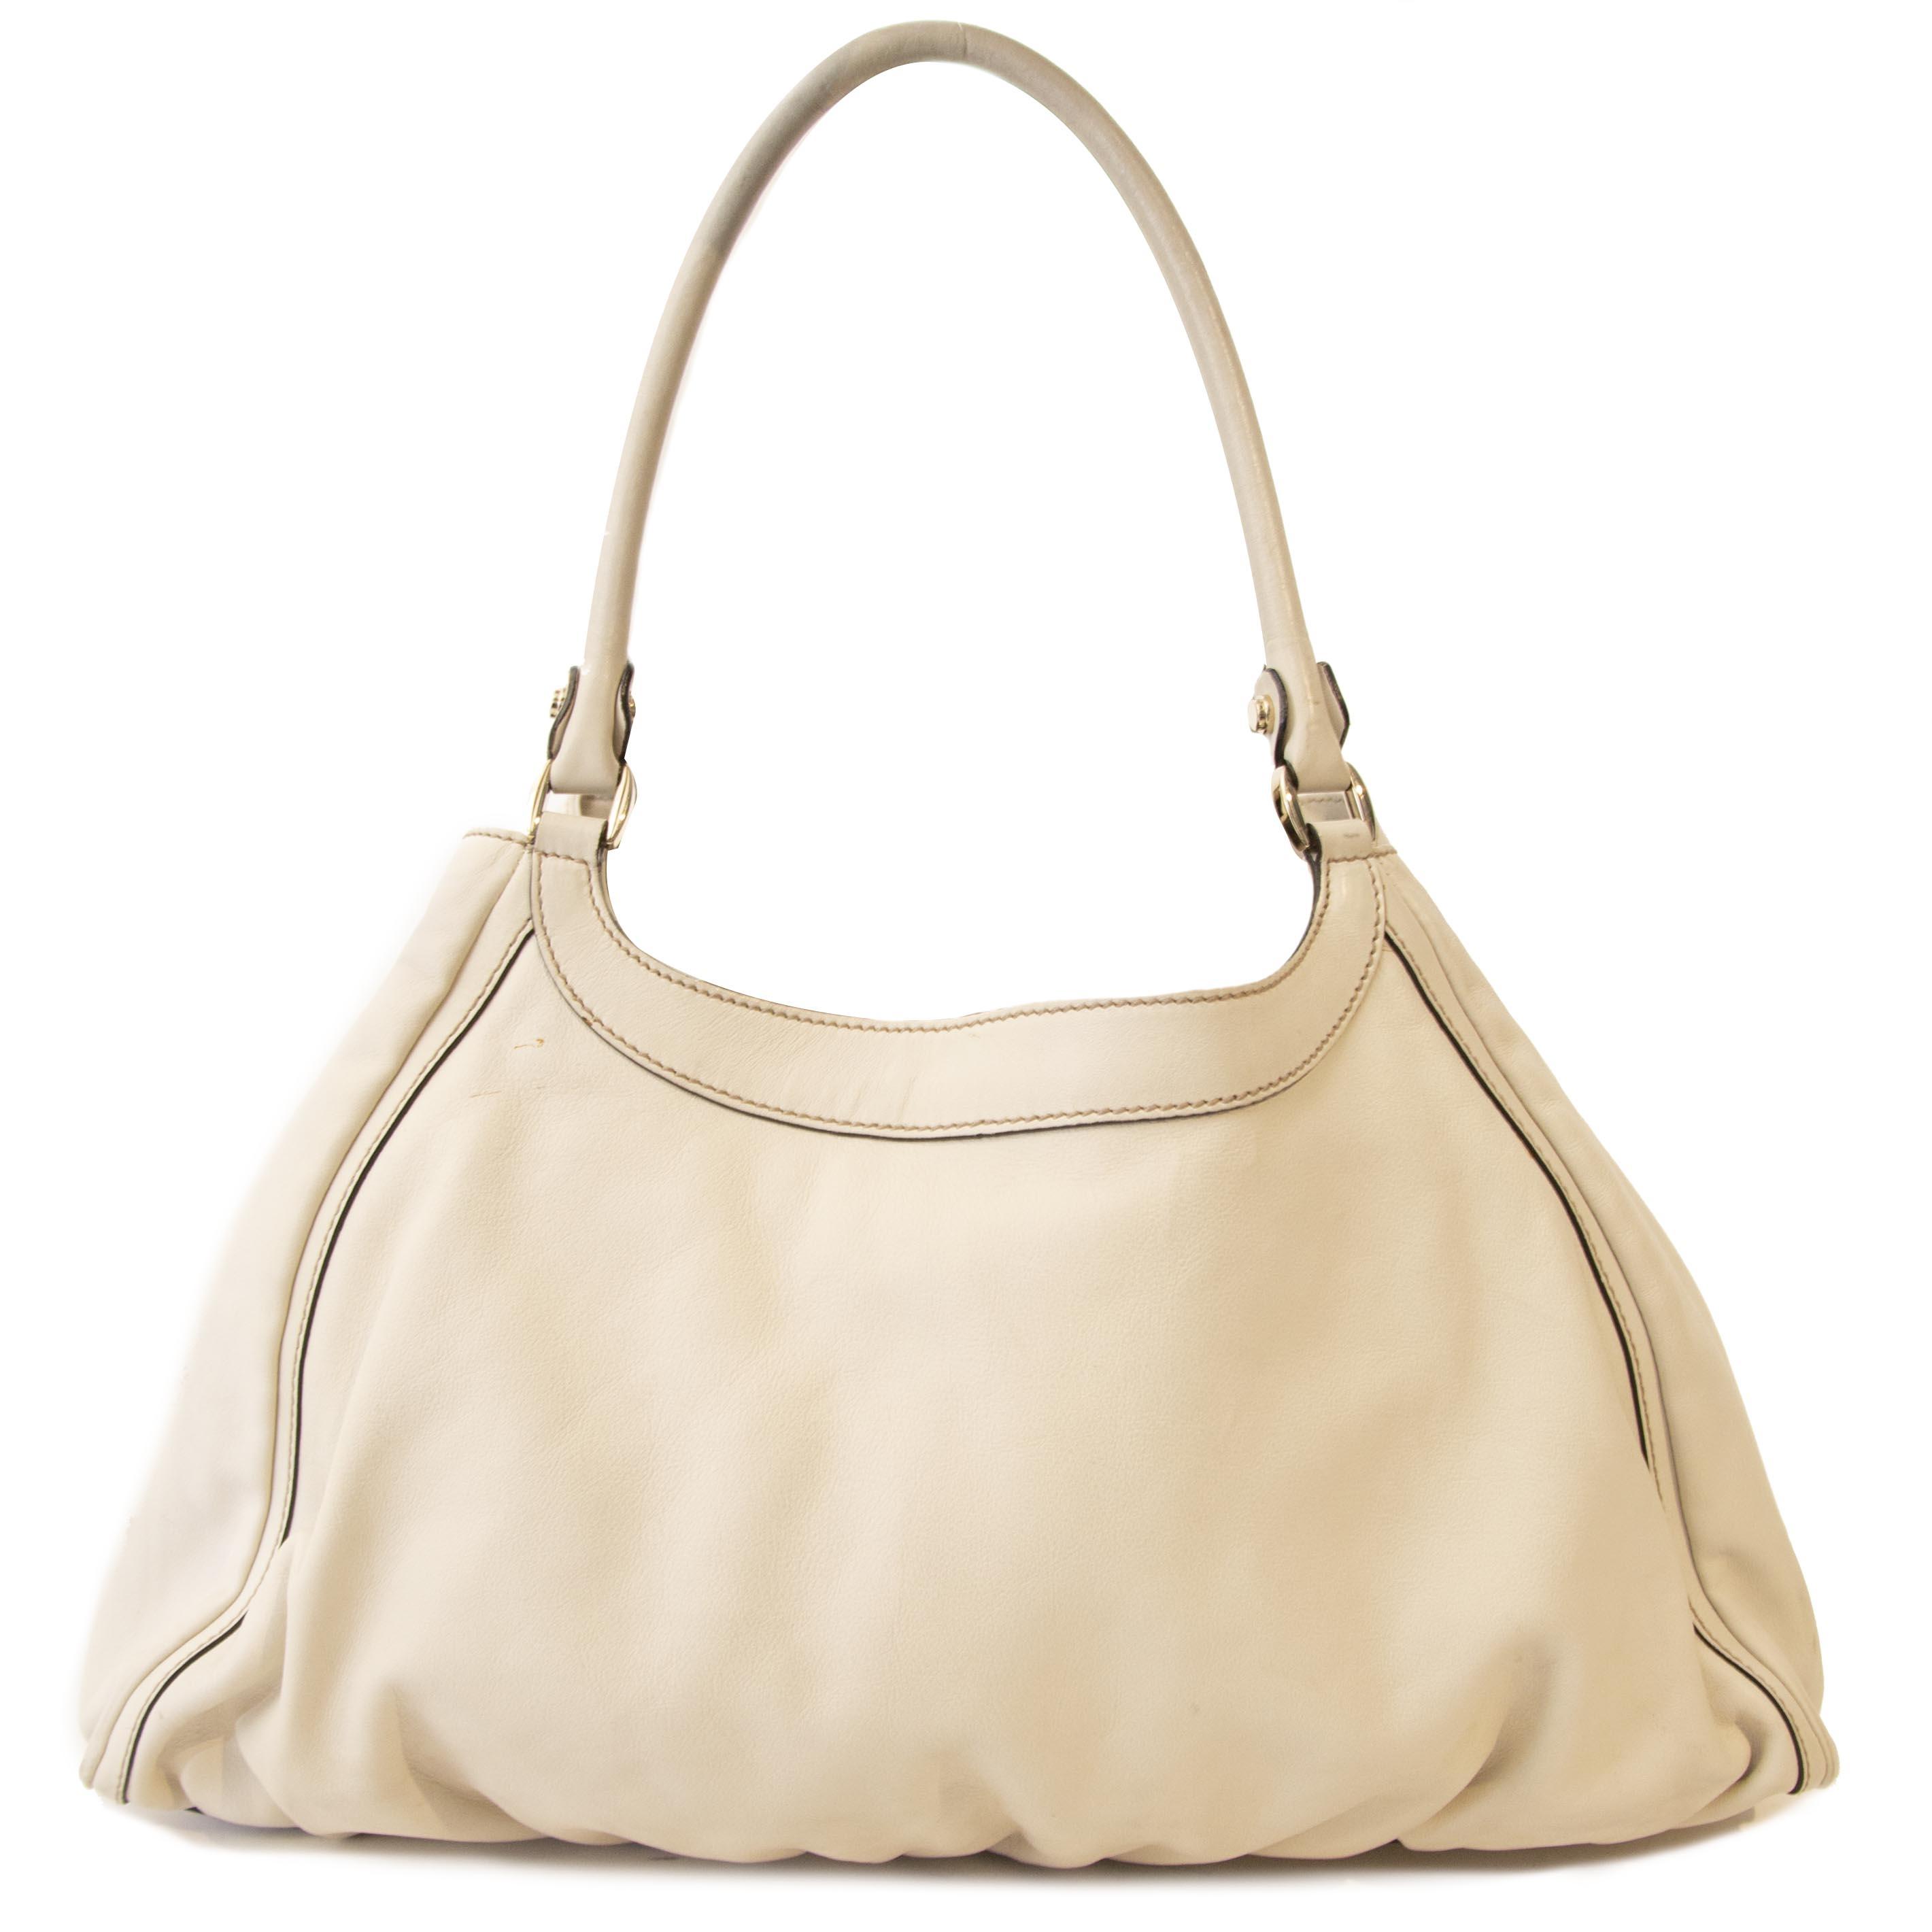 Koop een authentieke Gucci tas aan de juiste prijs bij LabelLOV vintage webshop.